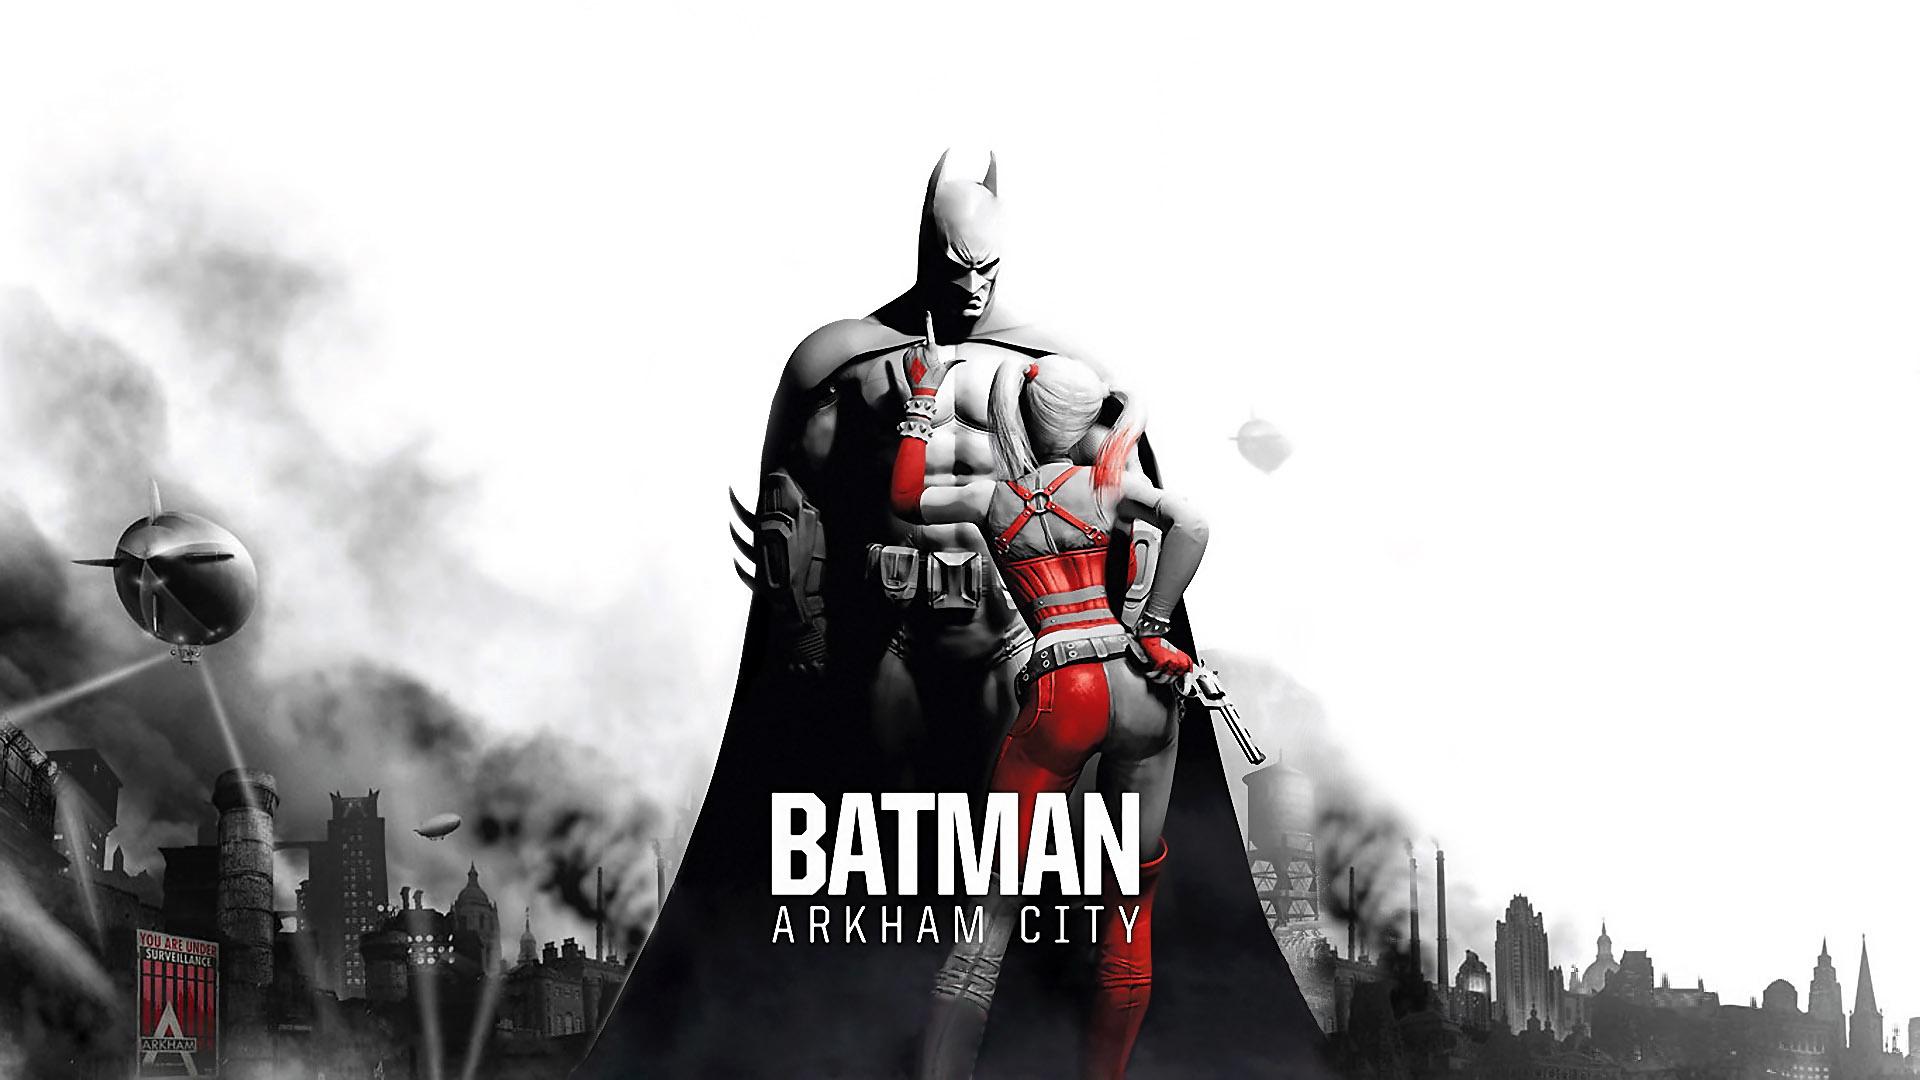 Klicke auf die Grafik für eine größere Ansicht  Name:Batman-Arkham_City_Batman-Harley.jpg Hits:68 Größe:195,4 KB ID:99382